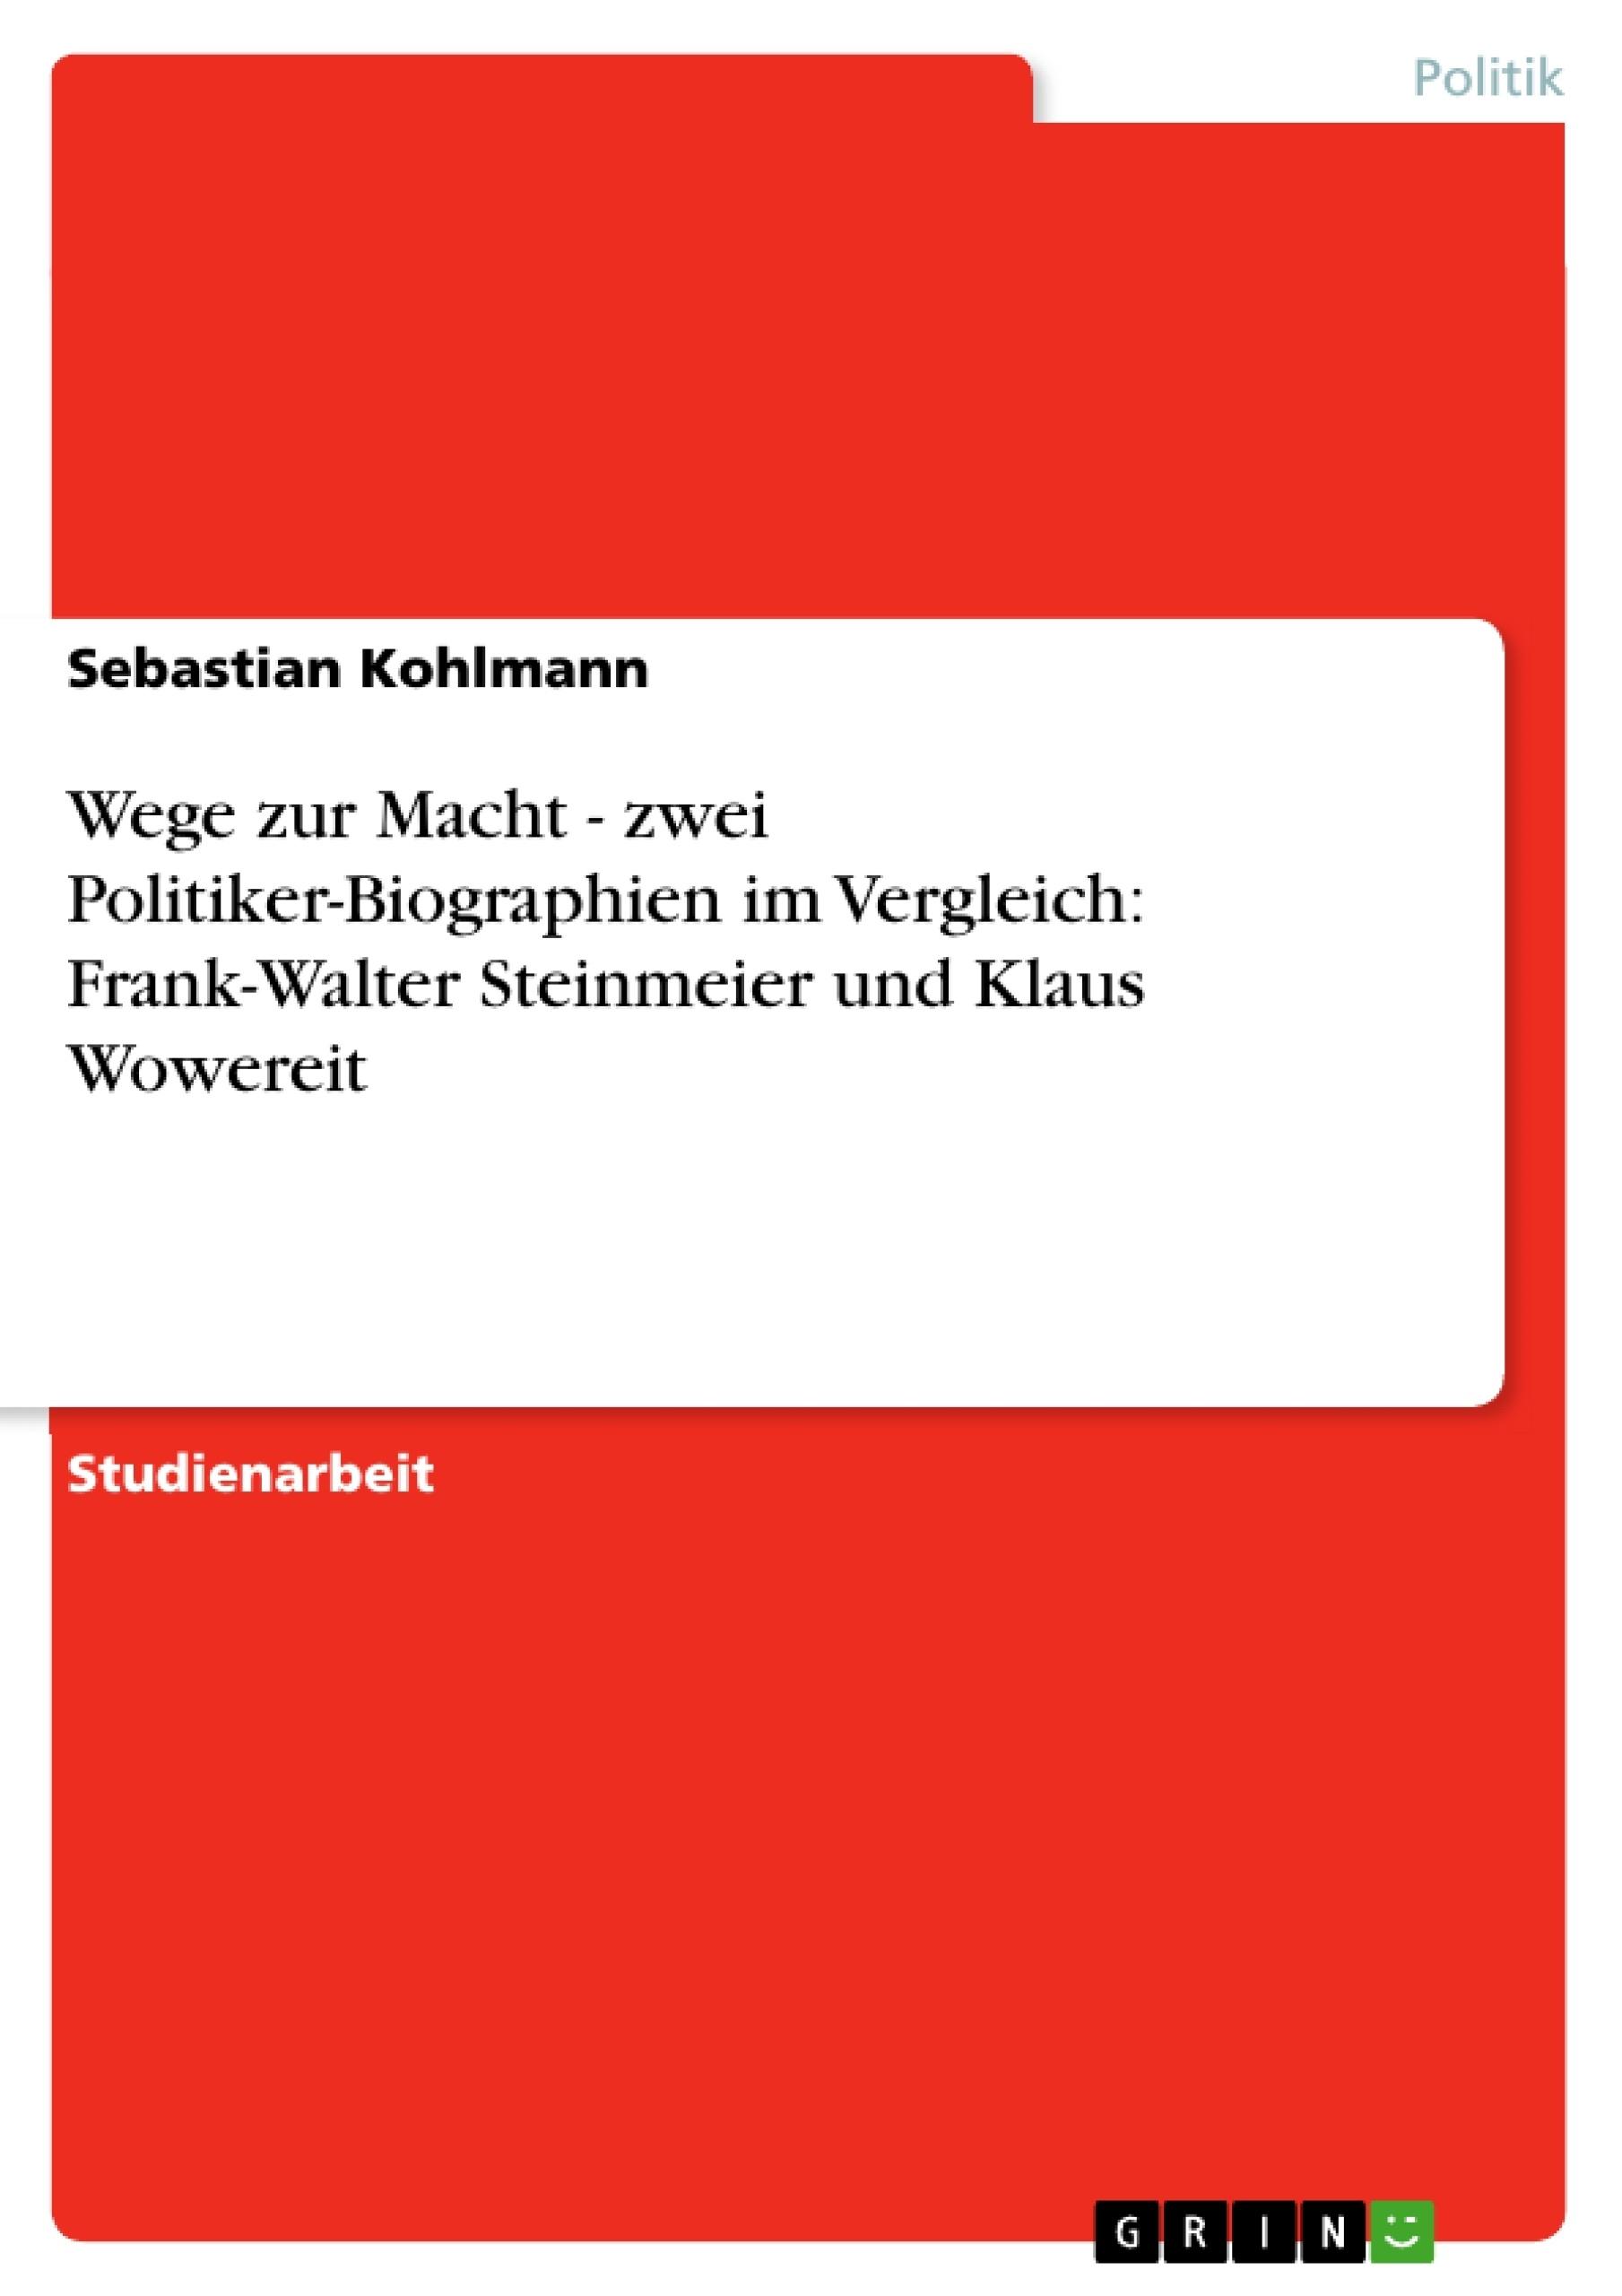 Titel: Wege zur Macht - zwei Politiker-Biographien im Vergleich:  Frank-Walter Steinmeier und Klaus Wowereit